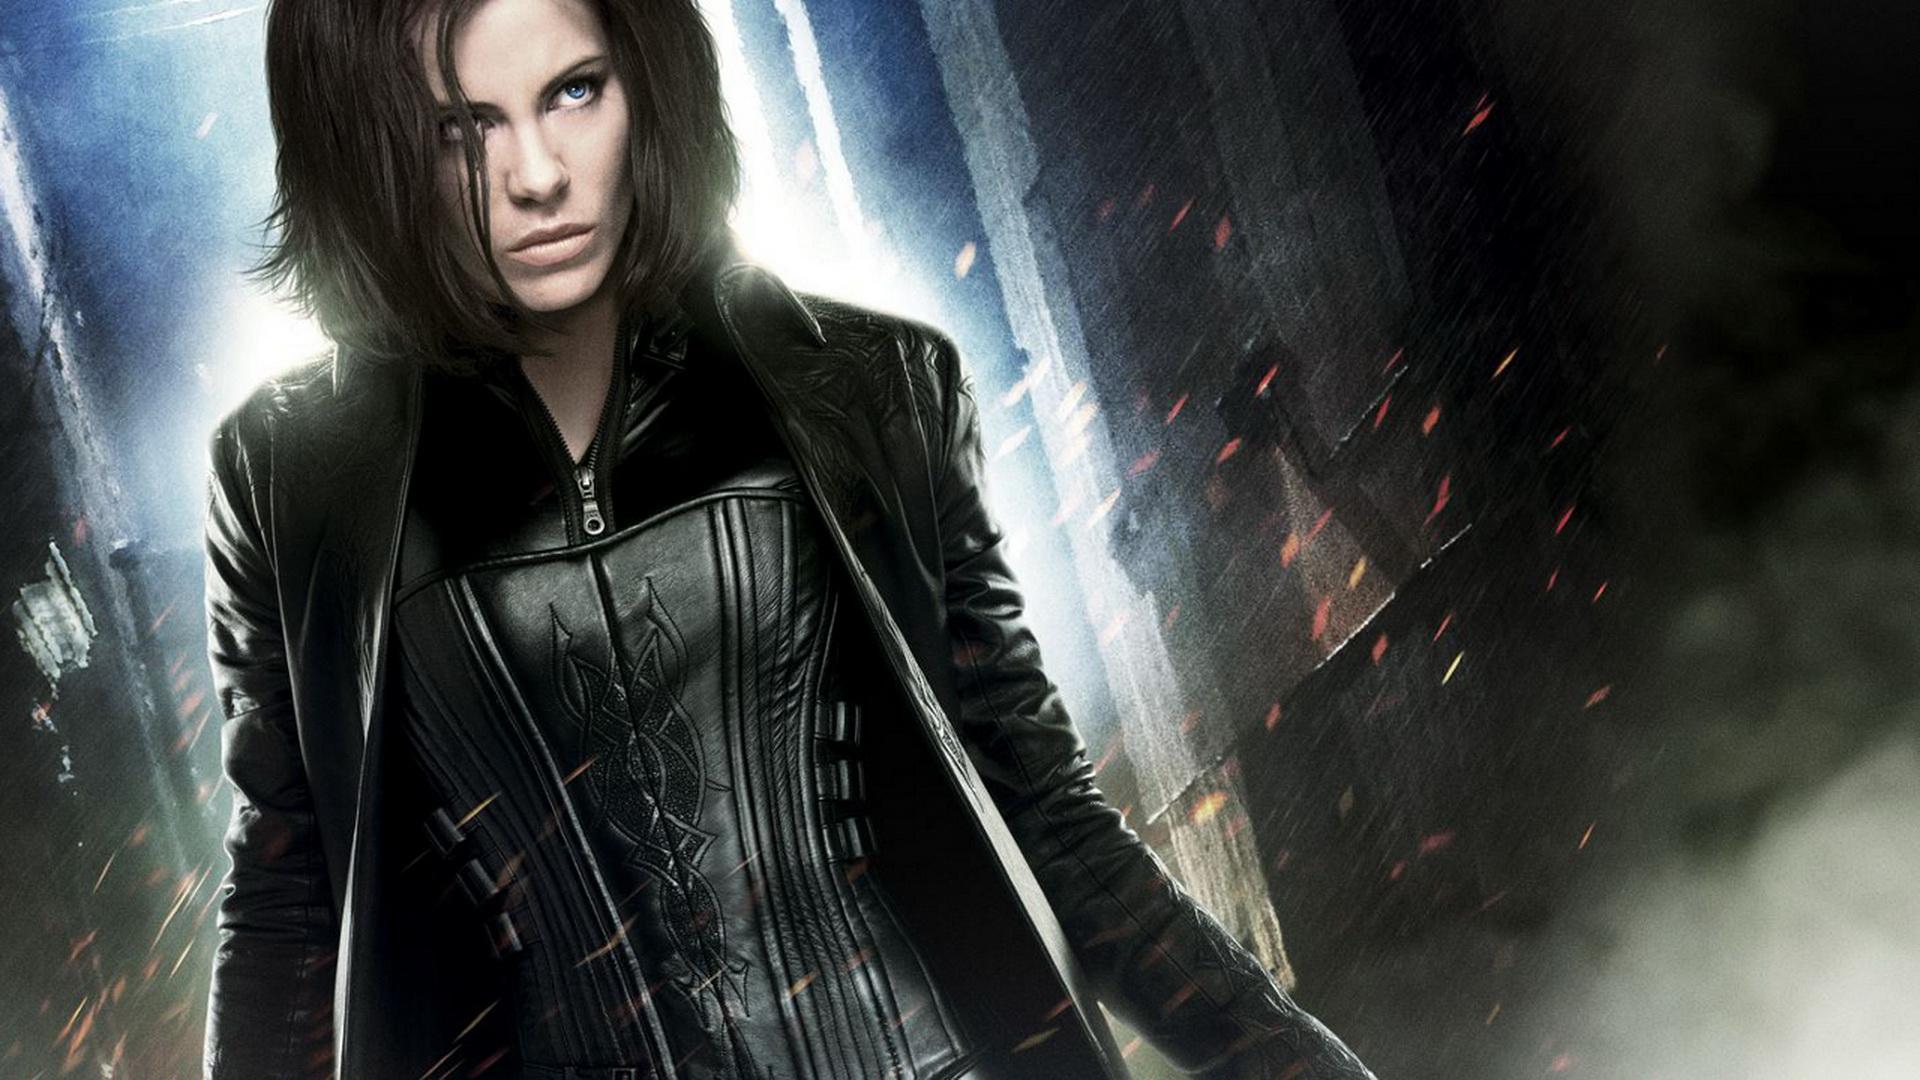 Sfondi HD film Underworld-Awakening-2012   sfondi HD gratis